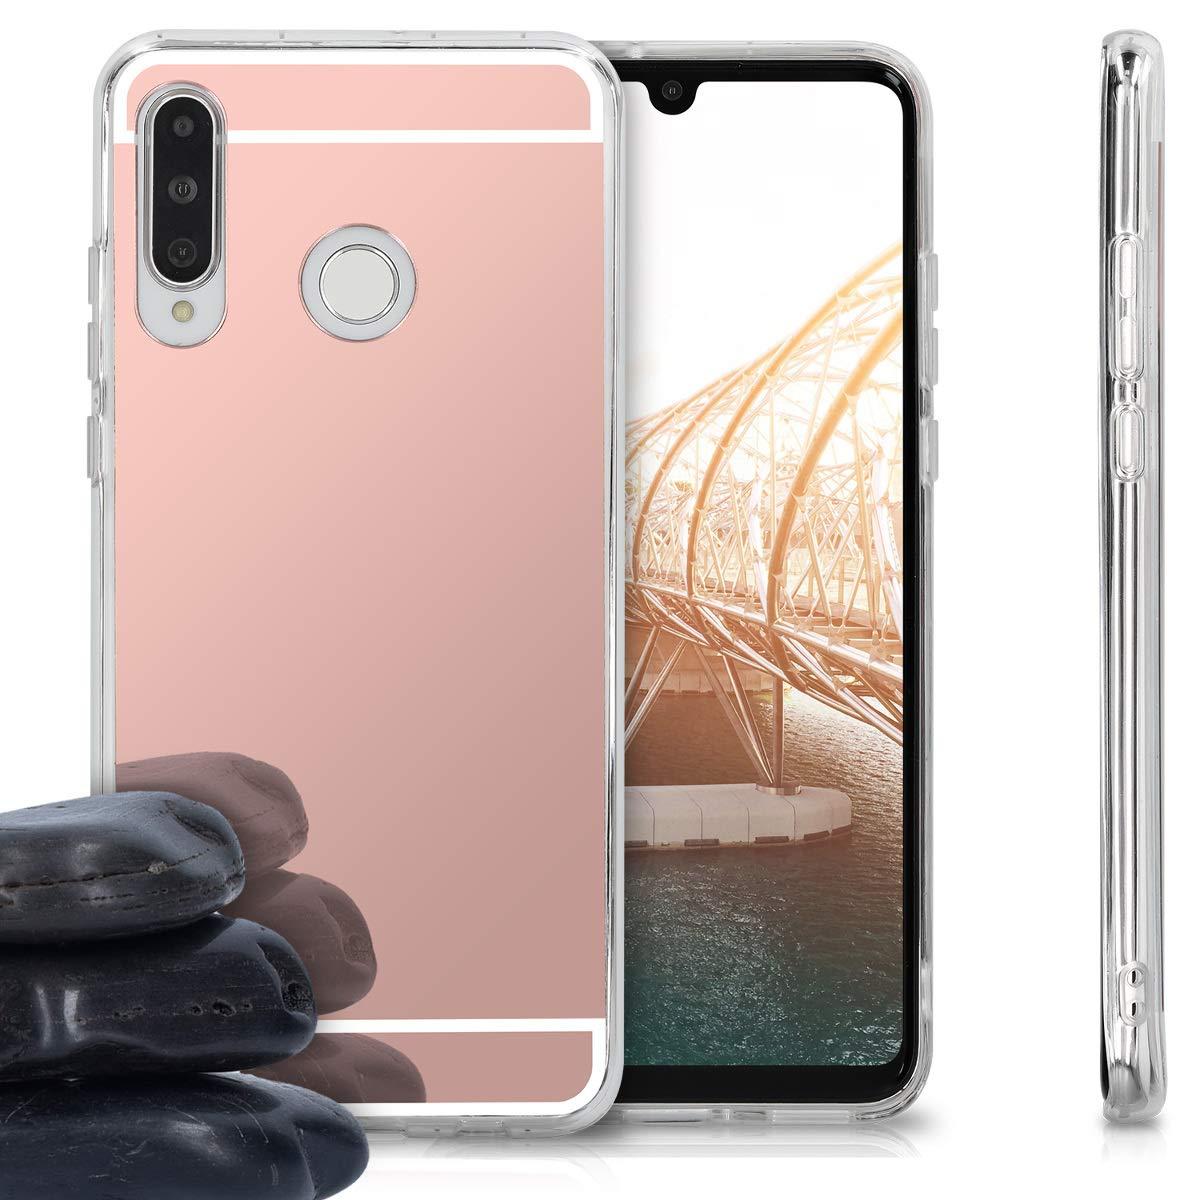 Coque pour Huawei P30 Lite kwmobile Coque Huawei P30 Lite Housse de t/él/éphone en Silicone Blanc-Transparent